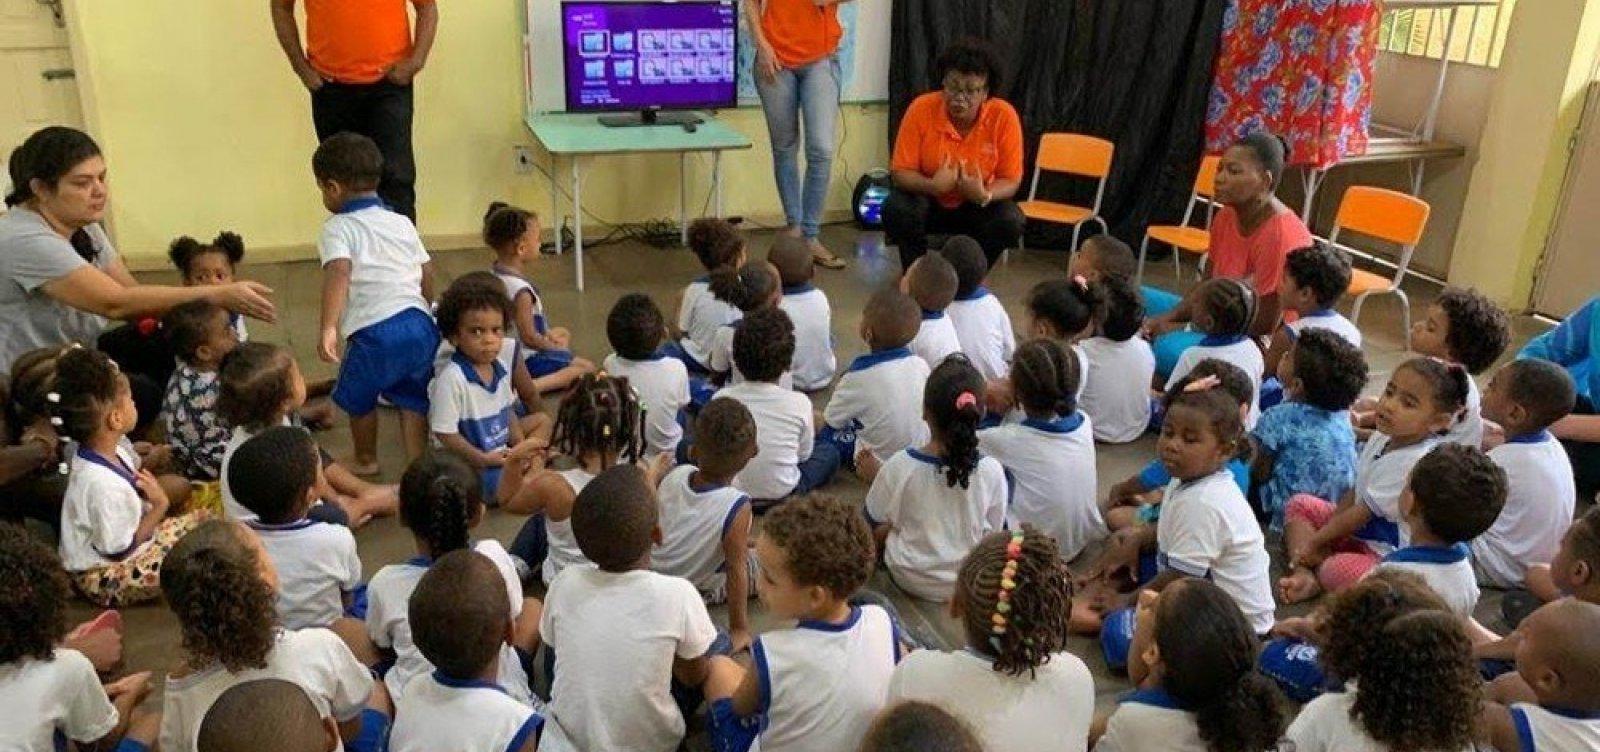 [Prefeitura inicia cadastramento para alunos novos da Educação Infantil ]